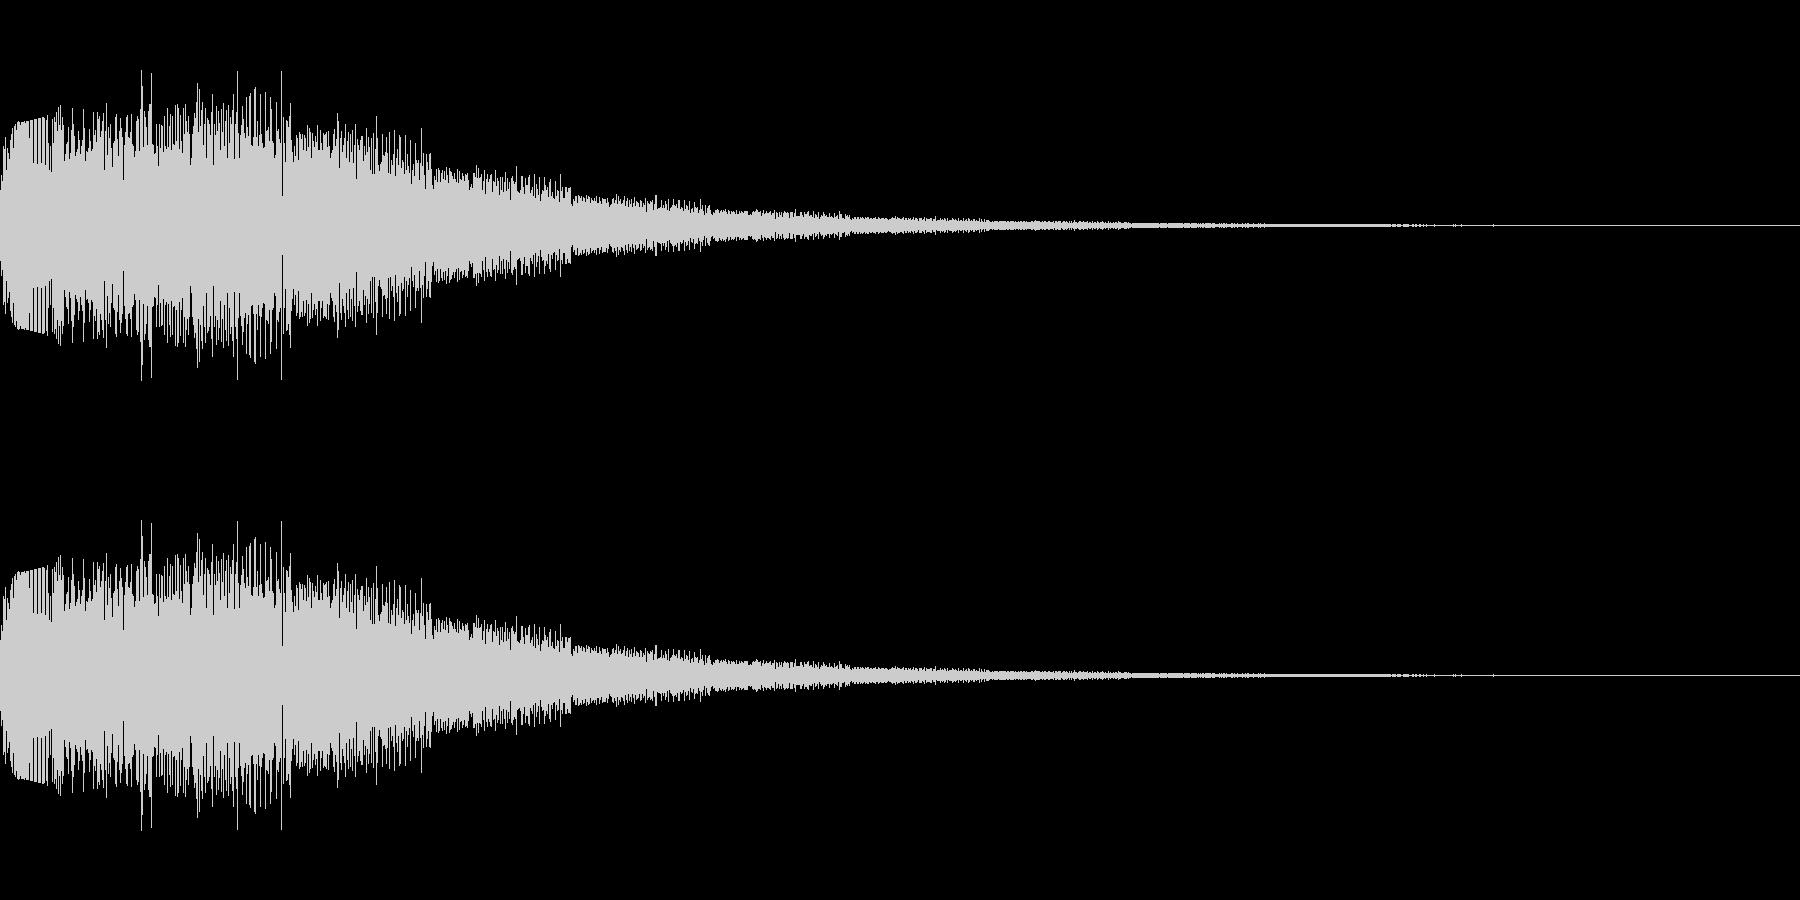 シンセサイザー 決定・選択・UI 4の未再生の波形